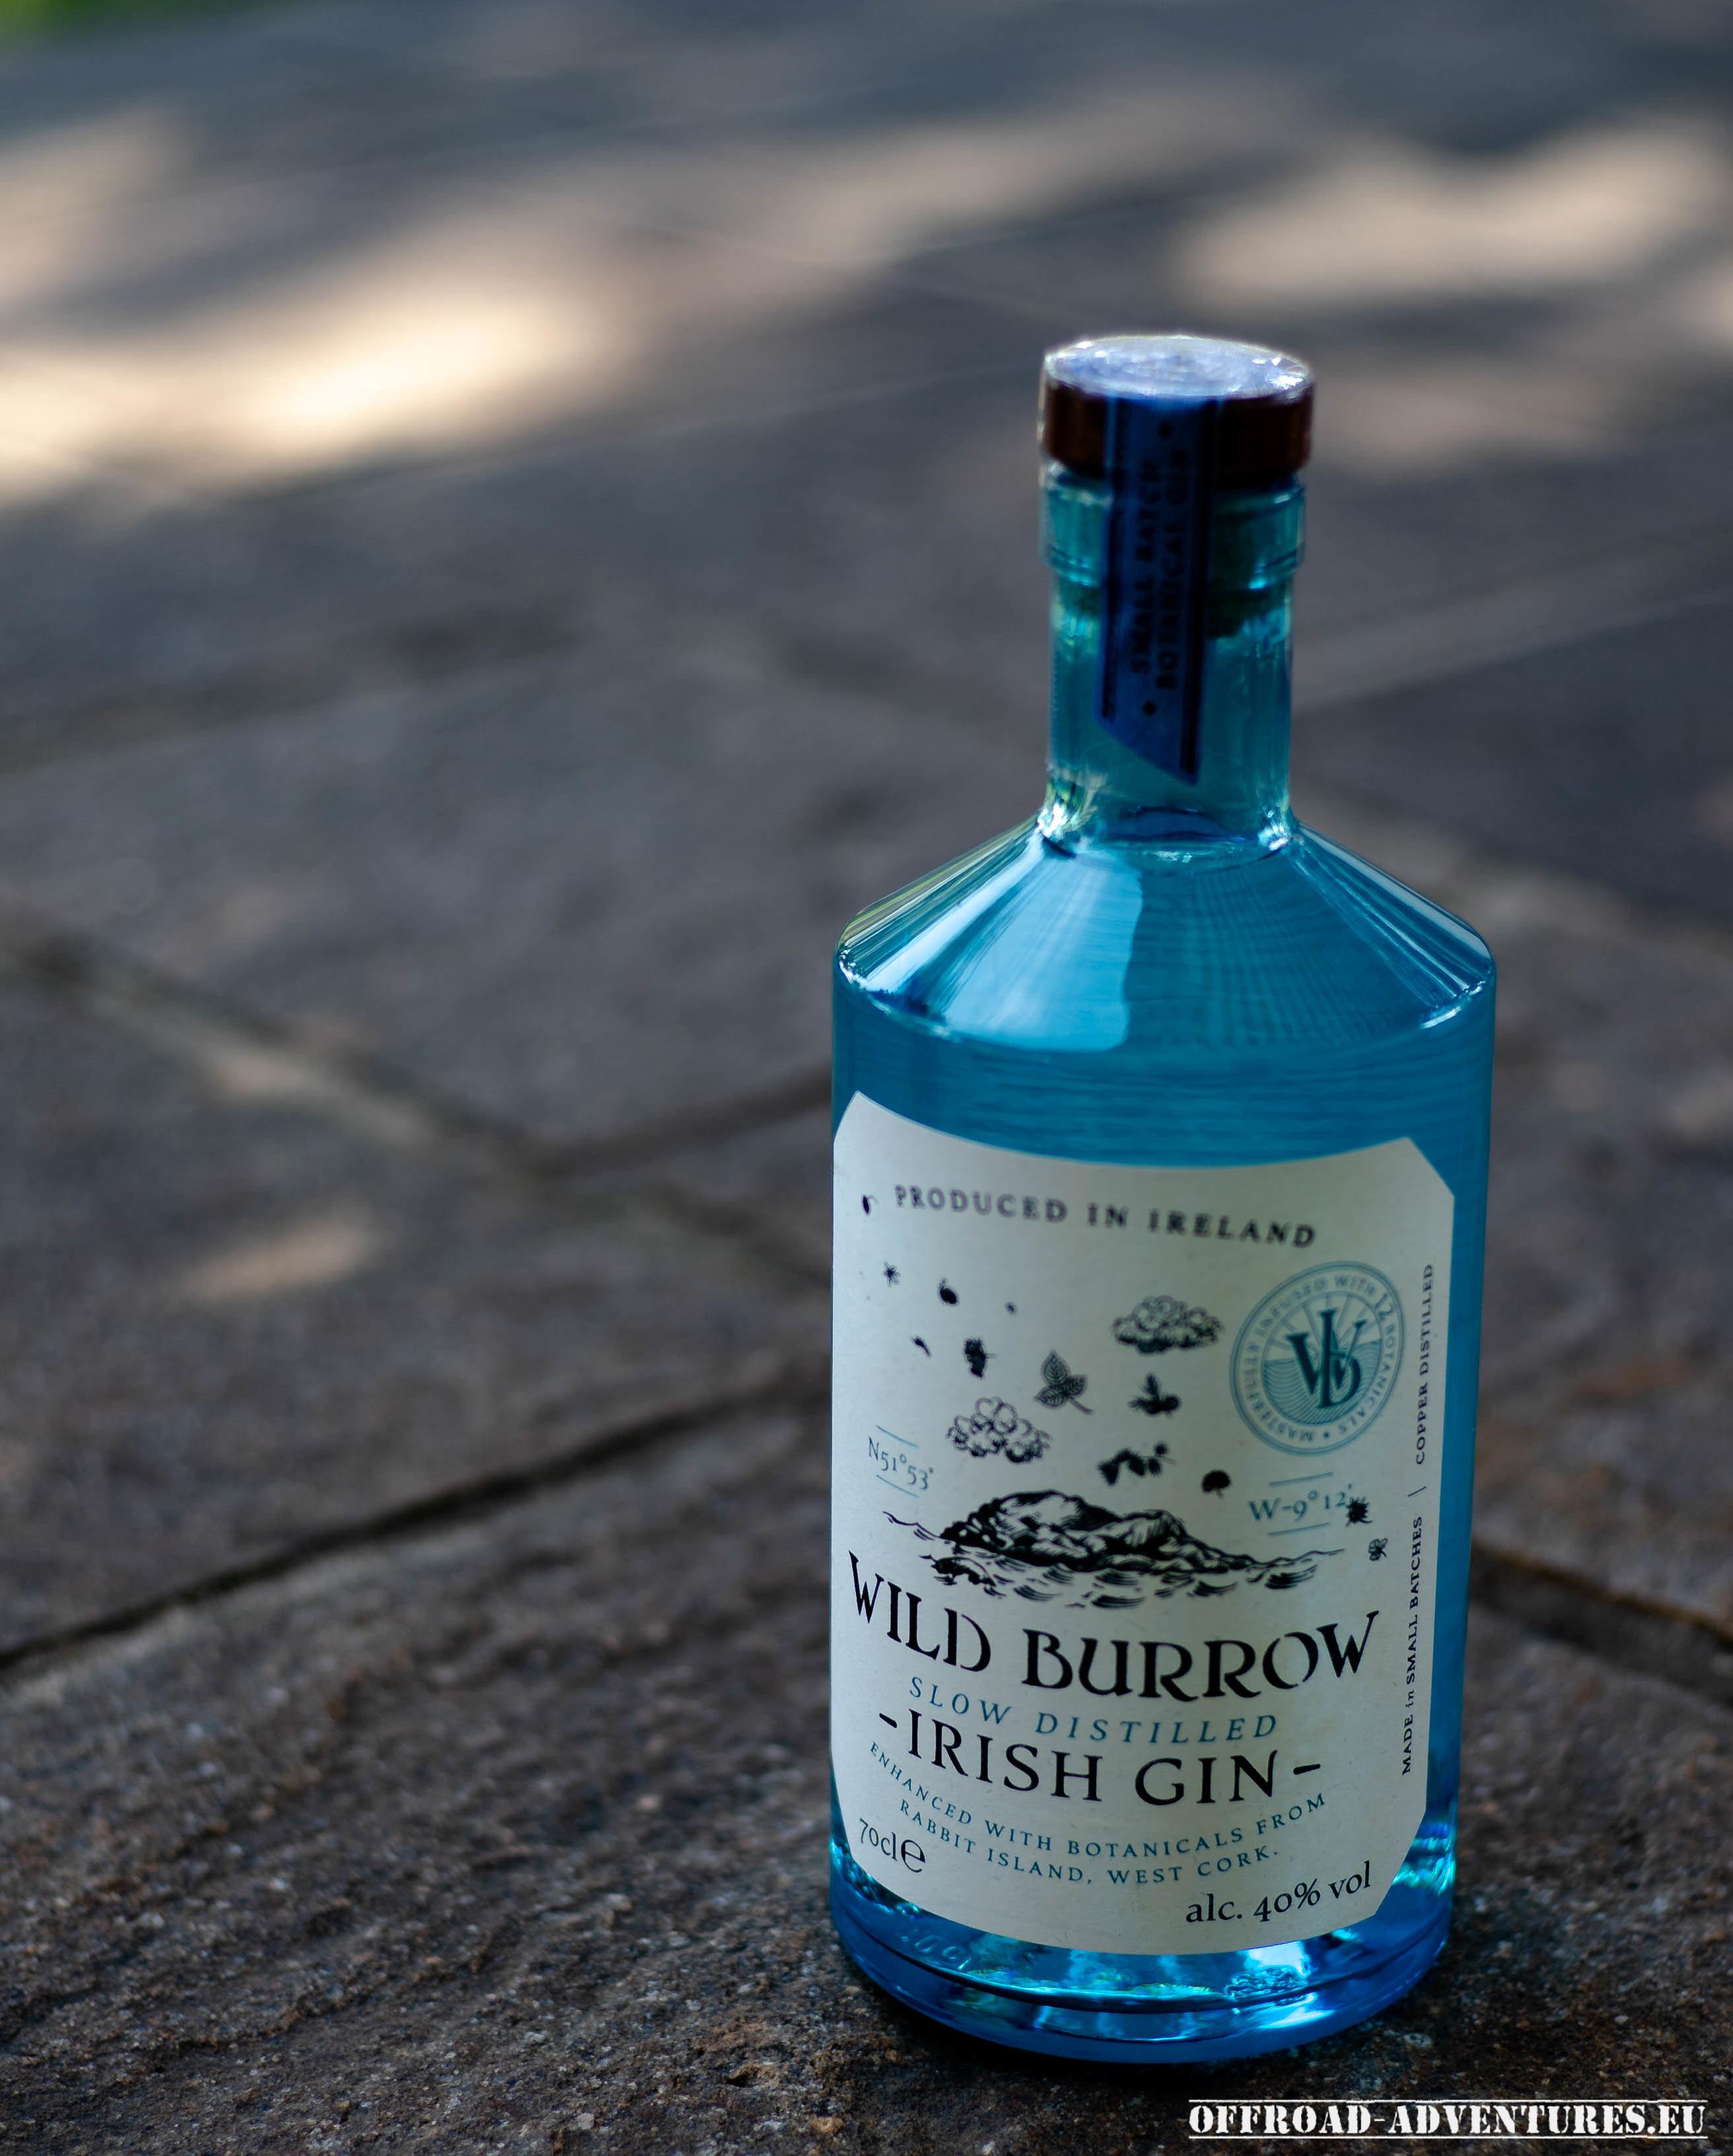 Wild Burrow Irish Gin